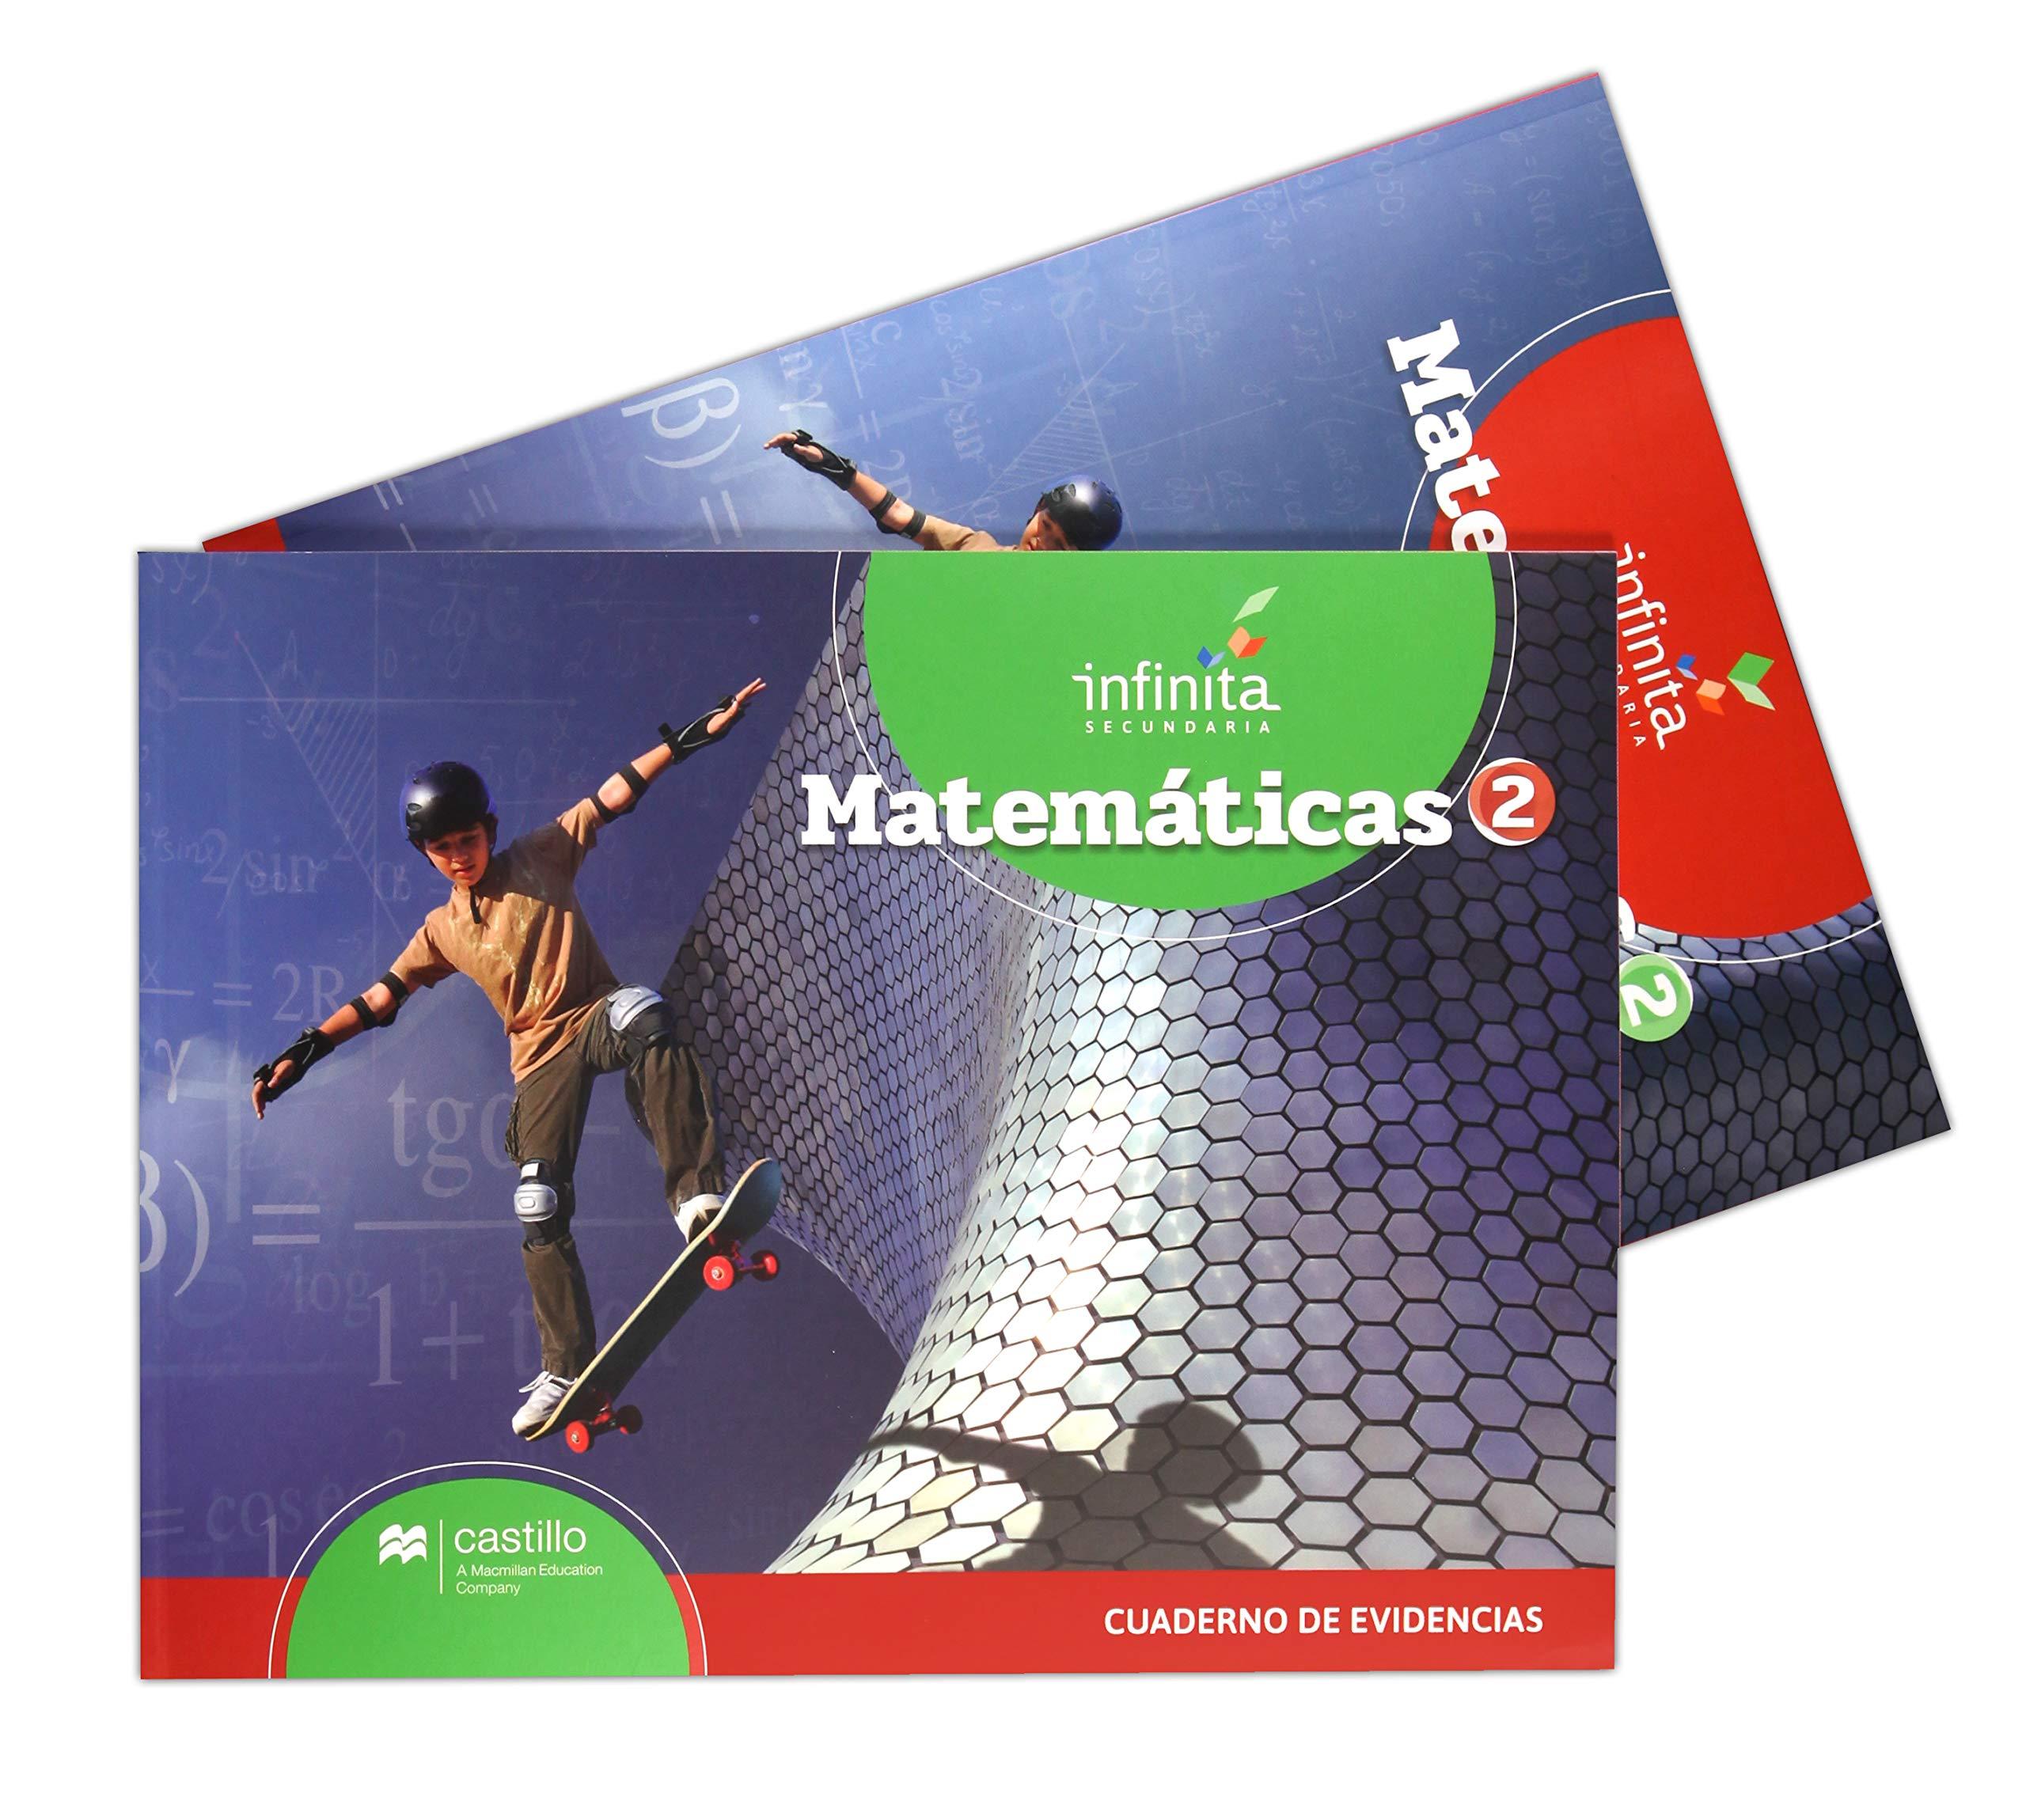 PAQ. MATEMATICAS 2 SERIE INFINITA SECUNDARIA / (LIBRO DE ...